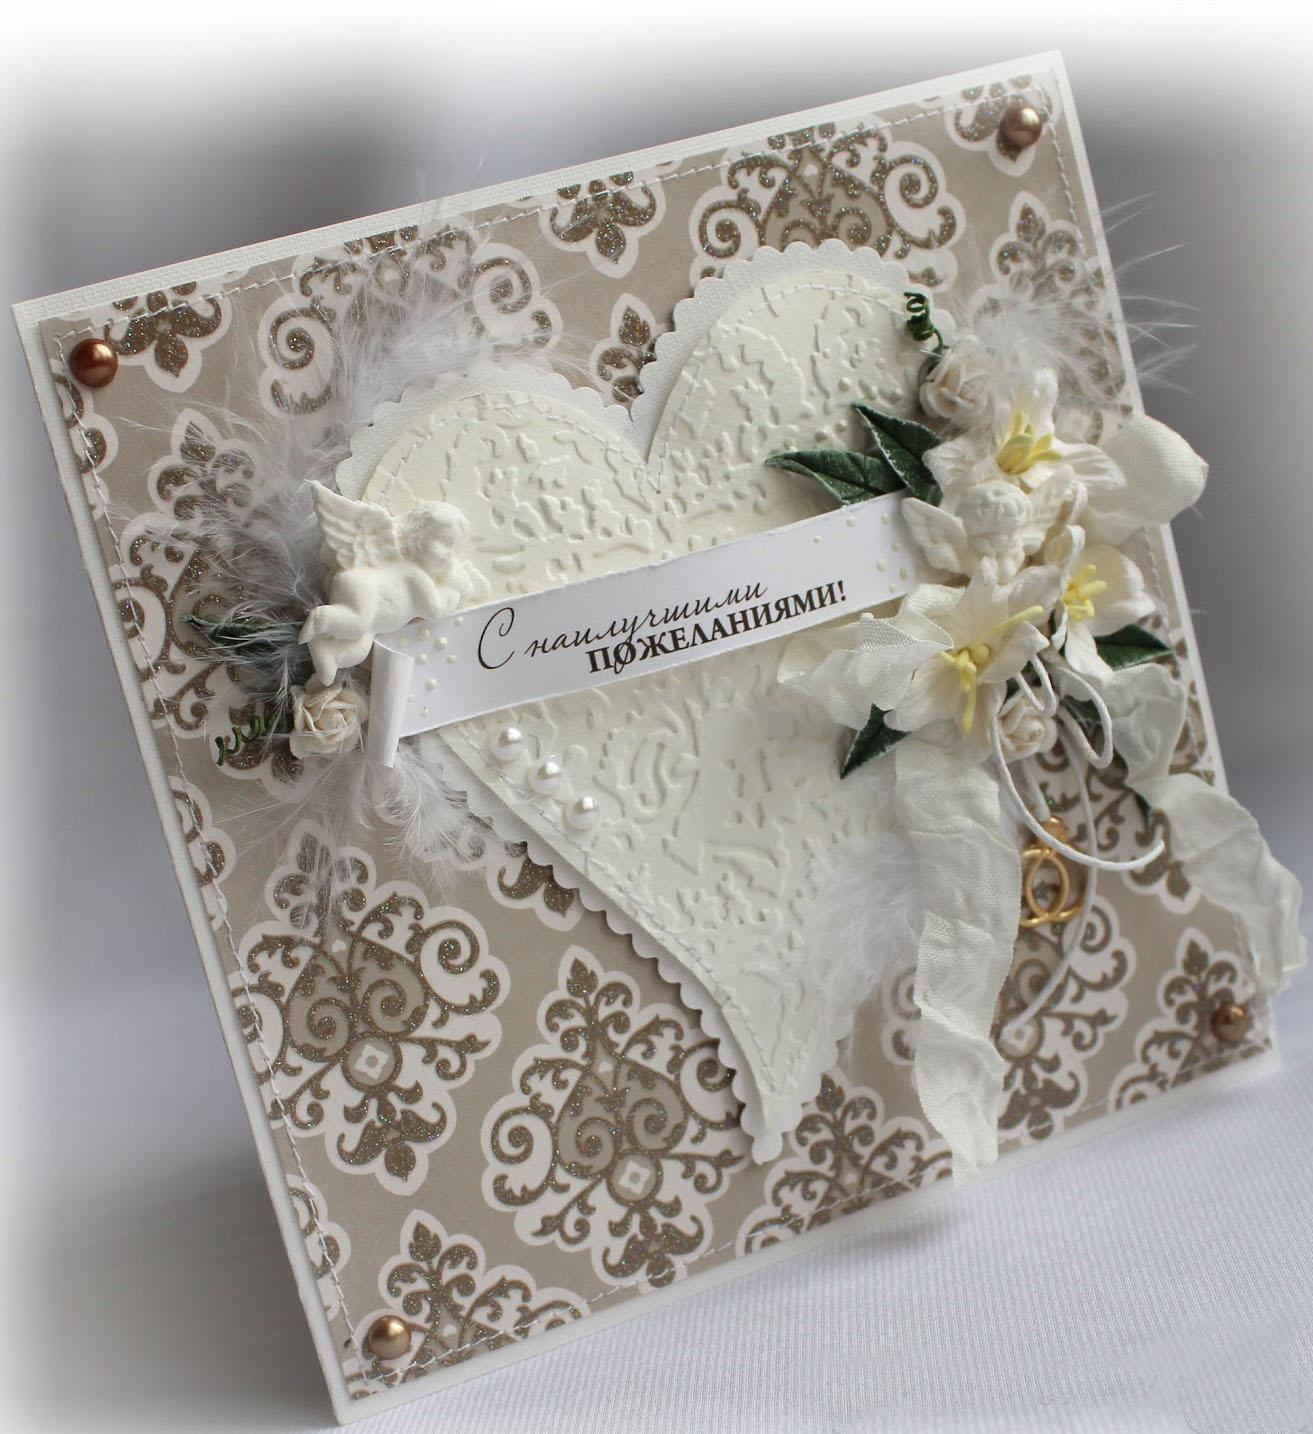 что гостиница открытка на свадьбу своими руками скрапбукинг подскажет